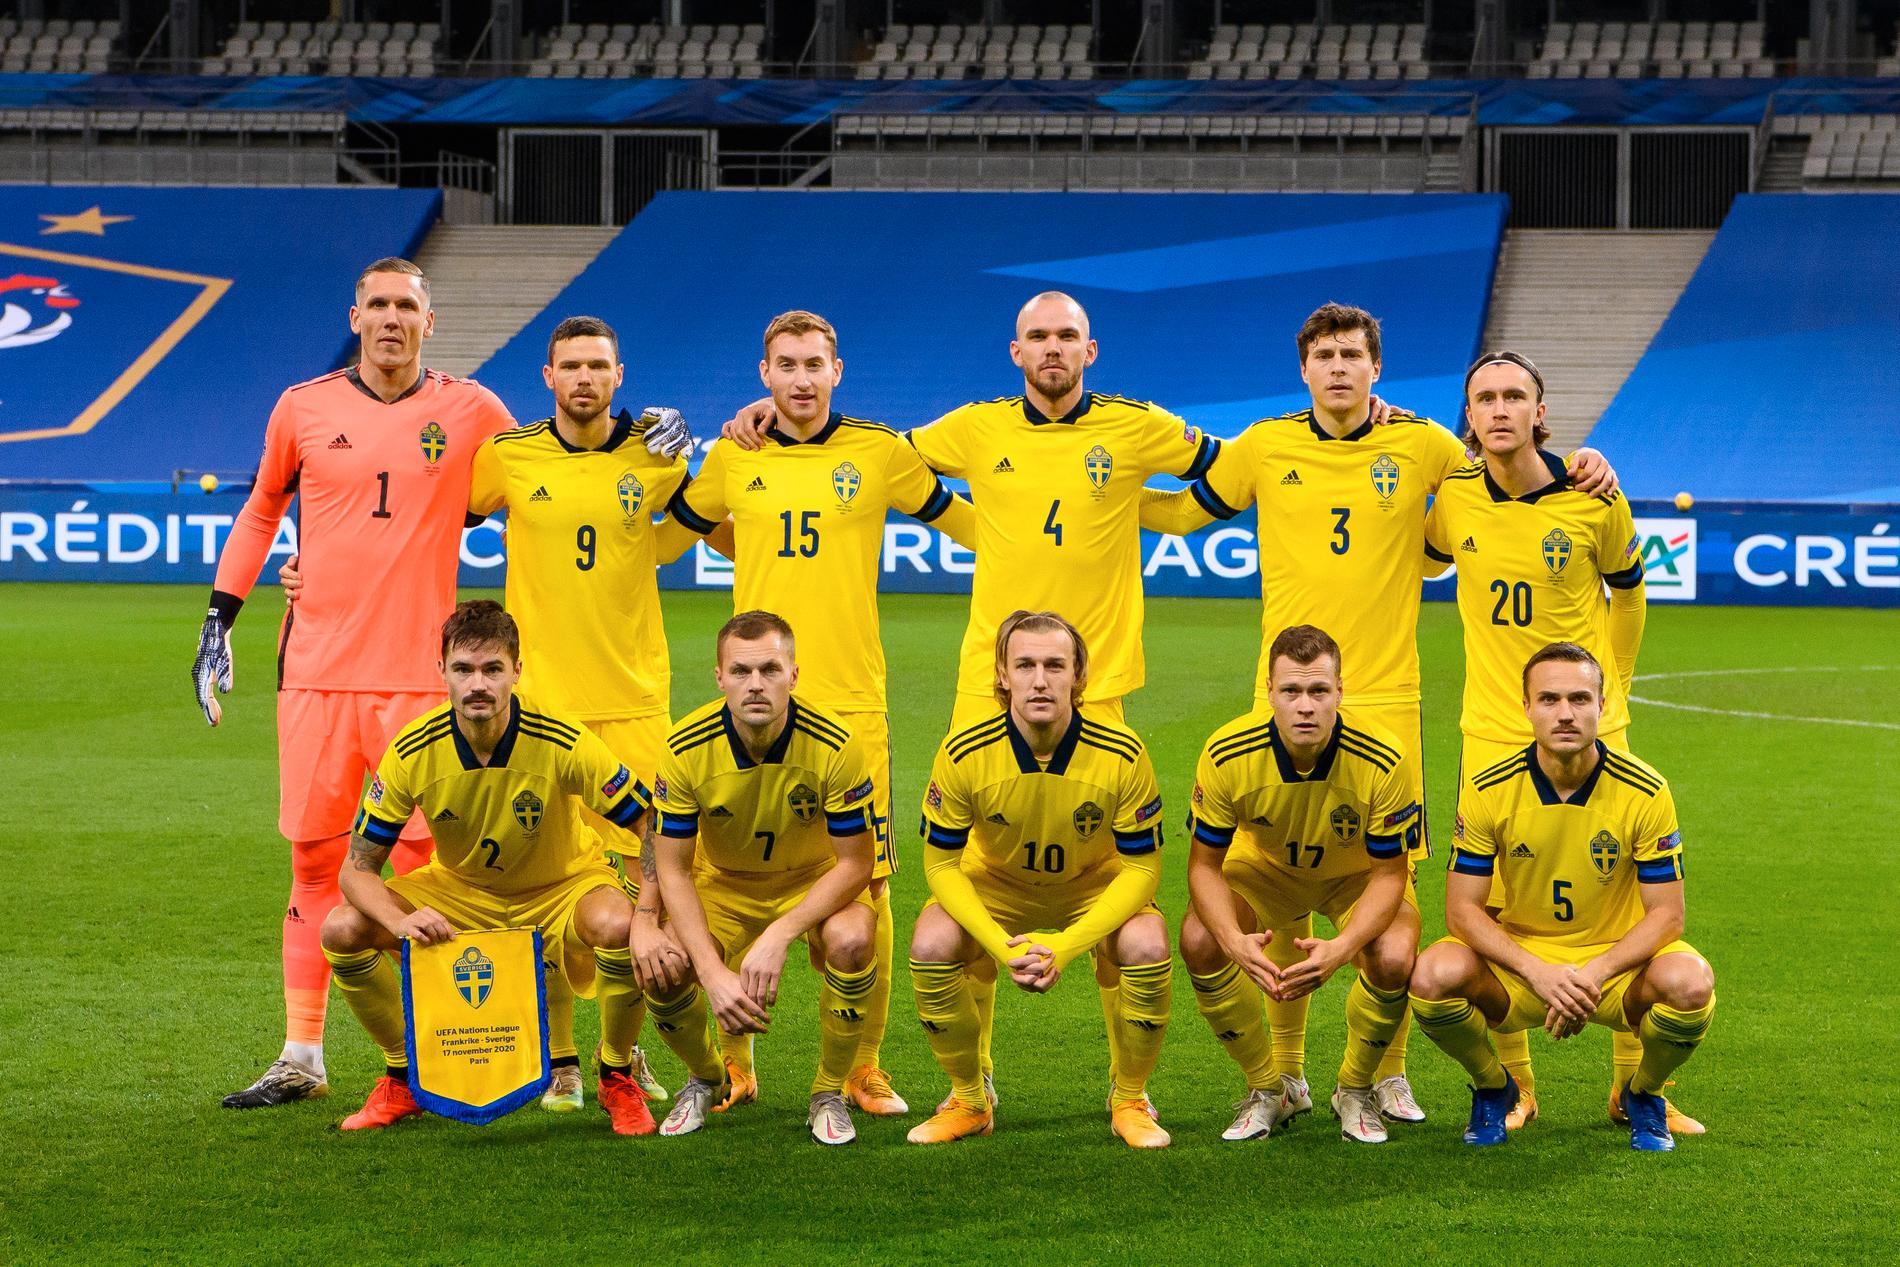 Sverige spelar i VM-kvalgrupp B tillsammans med Spanien, Grekland, Georgien och Kosovo.